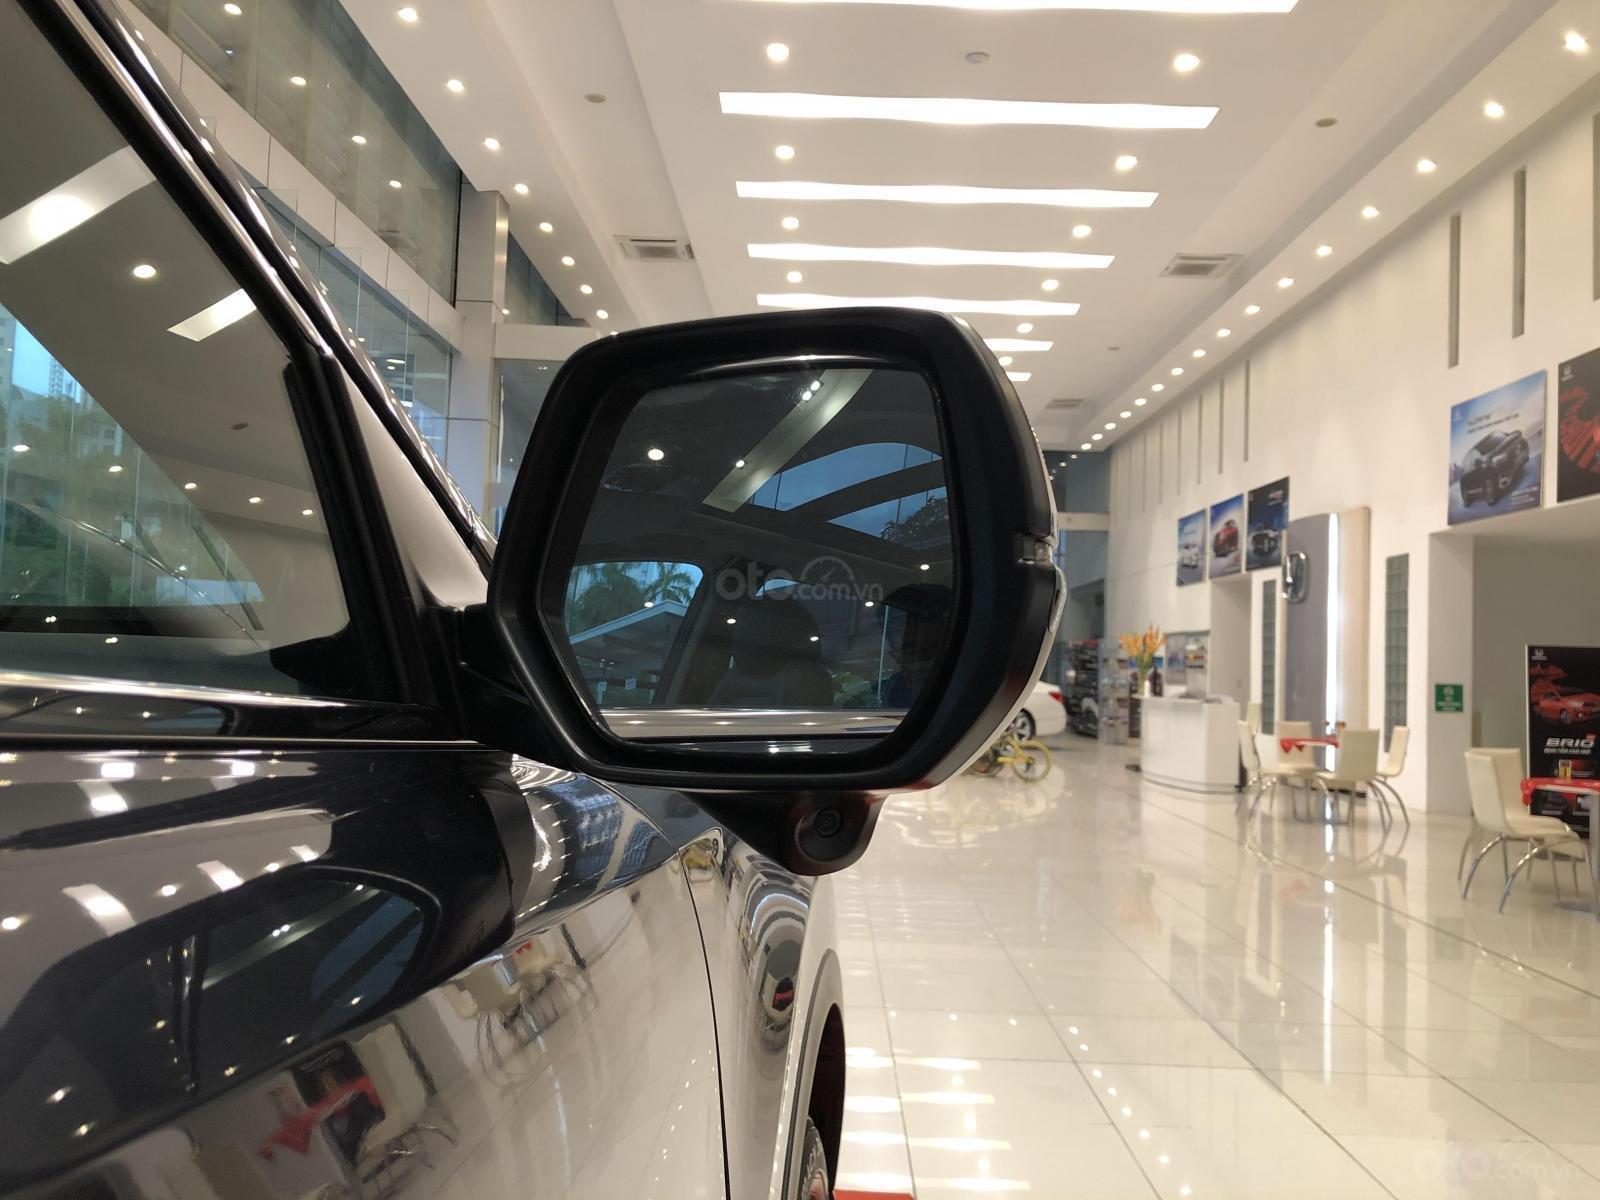 Honda CRV giá tốt miền Bắc - ưu đãi khủng tặng ngay tiền mặt + phụ kiện lên tới 140tr, trả góp 85% lãi suất ưu đãi (7)